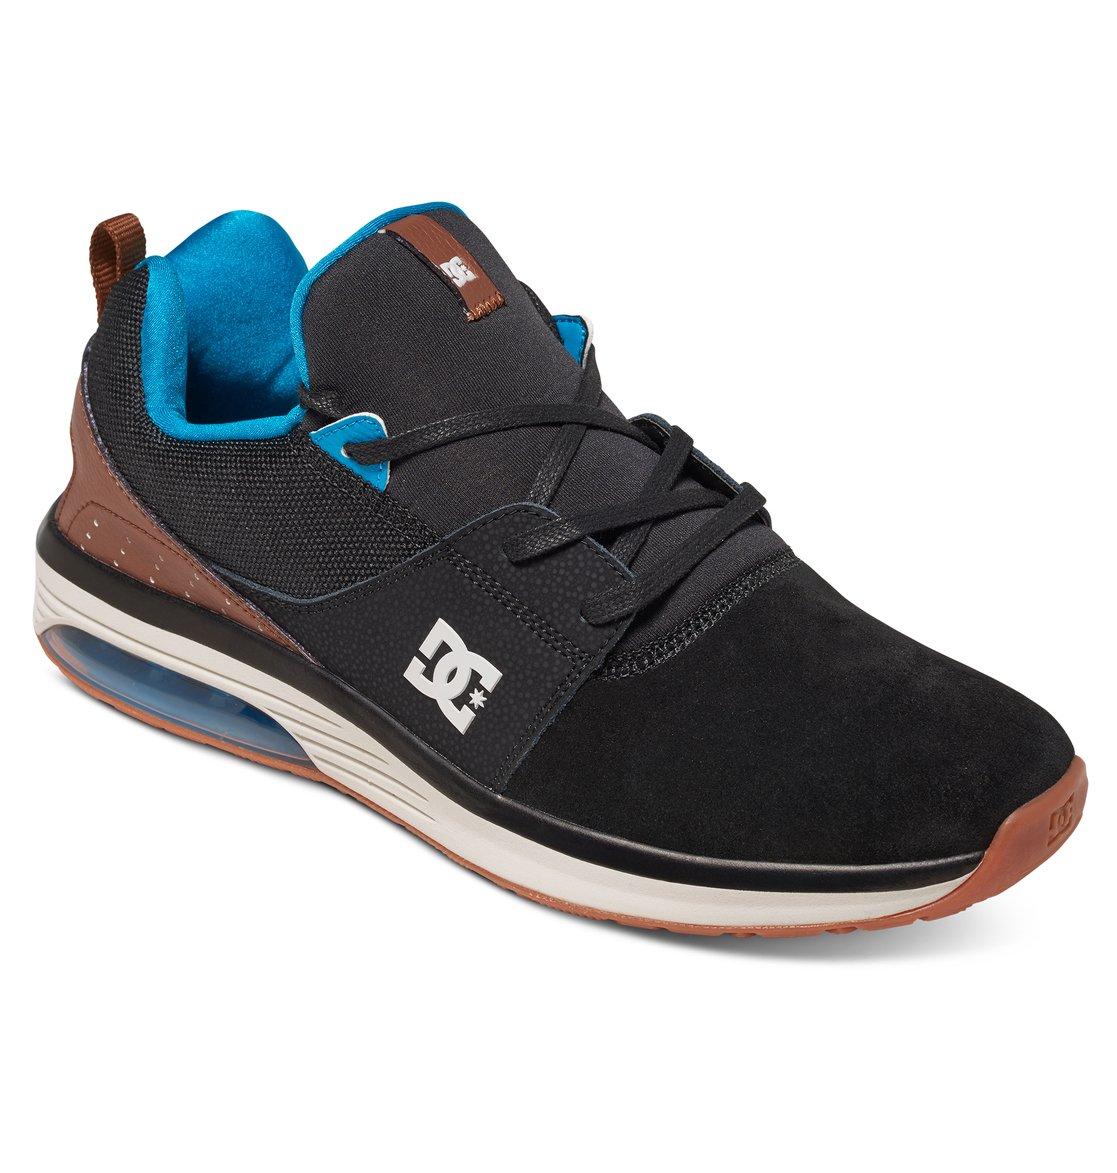 Dc Shoes Heathrow Ia Tom Pages